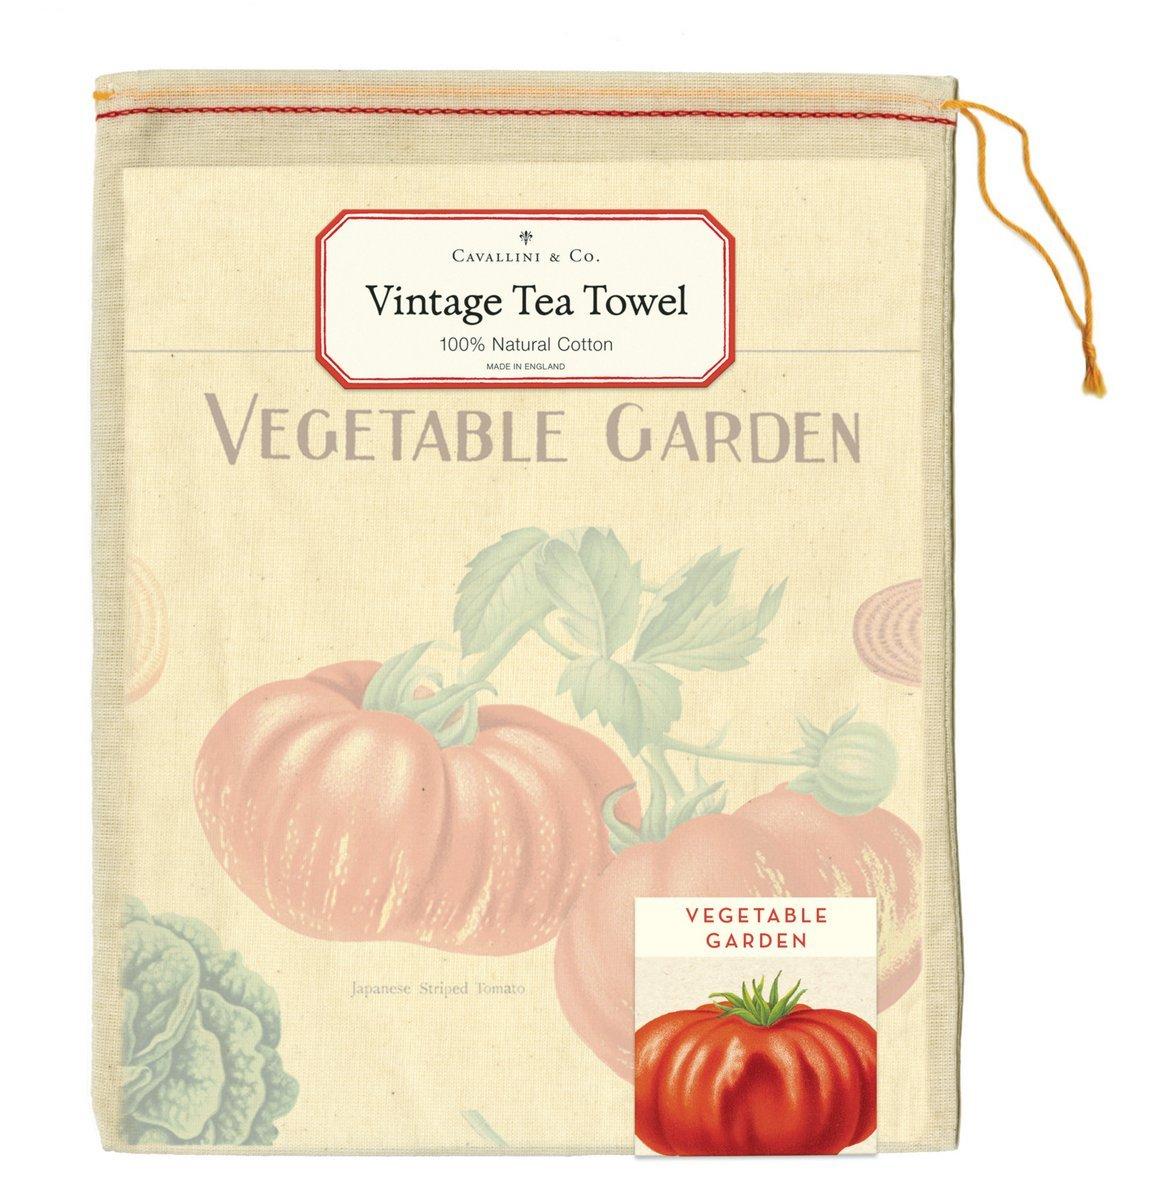 Vegetable Garden Tea Towel image